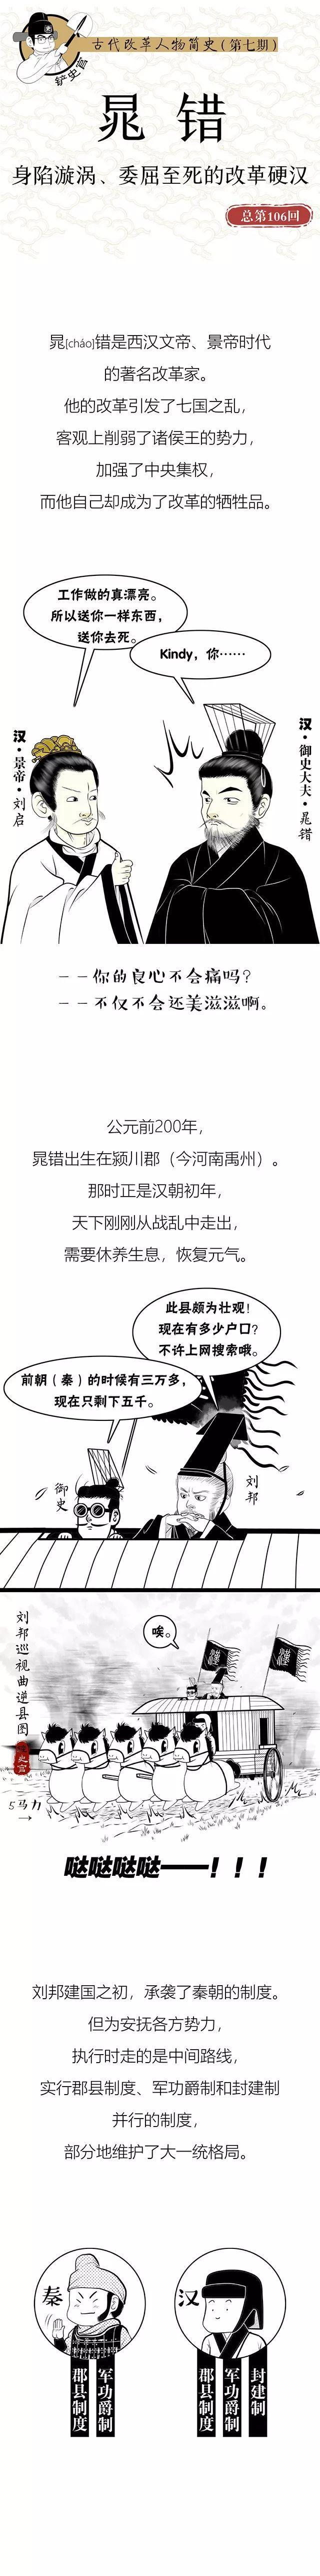 被腰斩的瞬间,晁错后悔为汉景帝削藩吗?